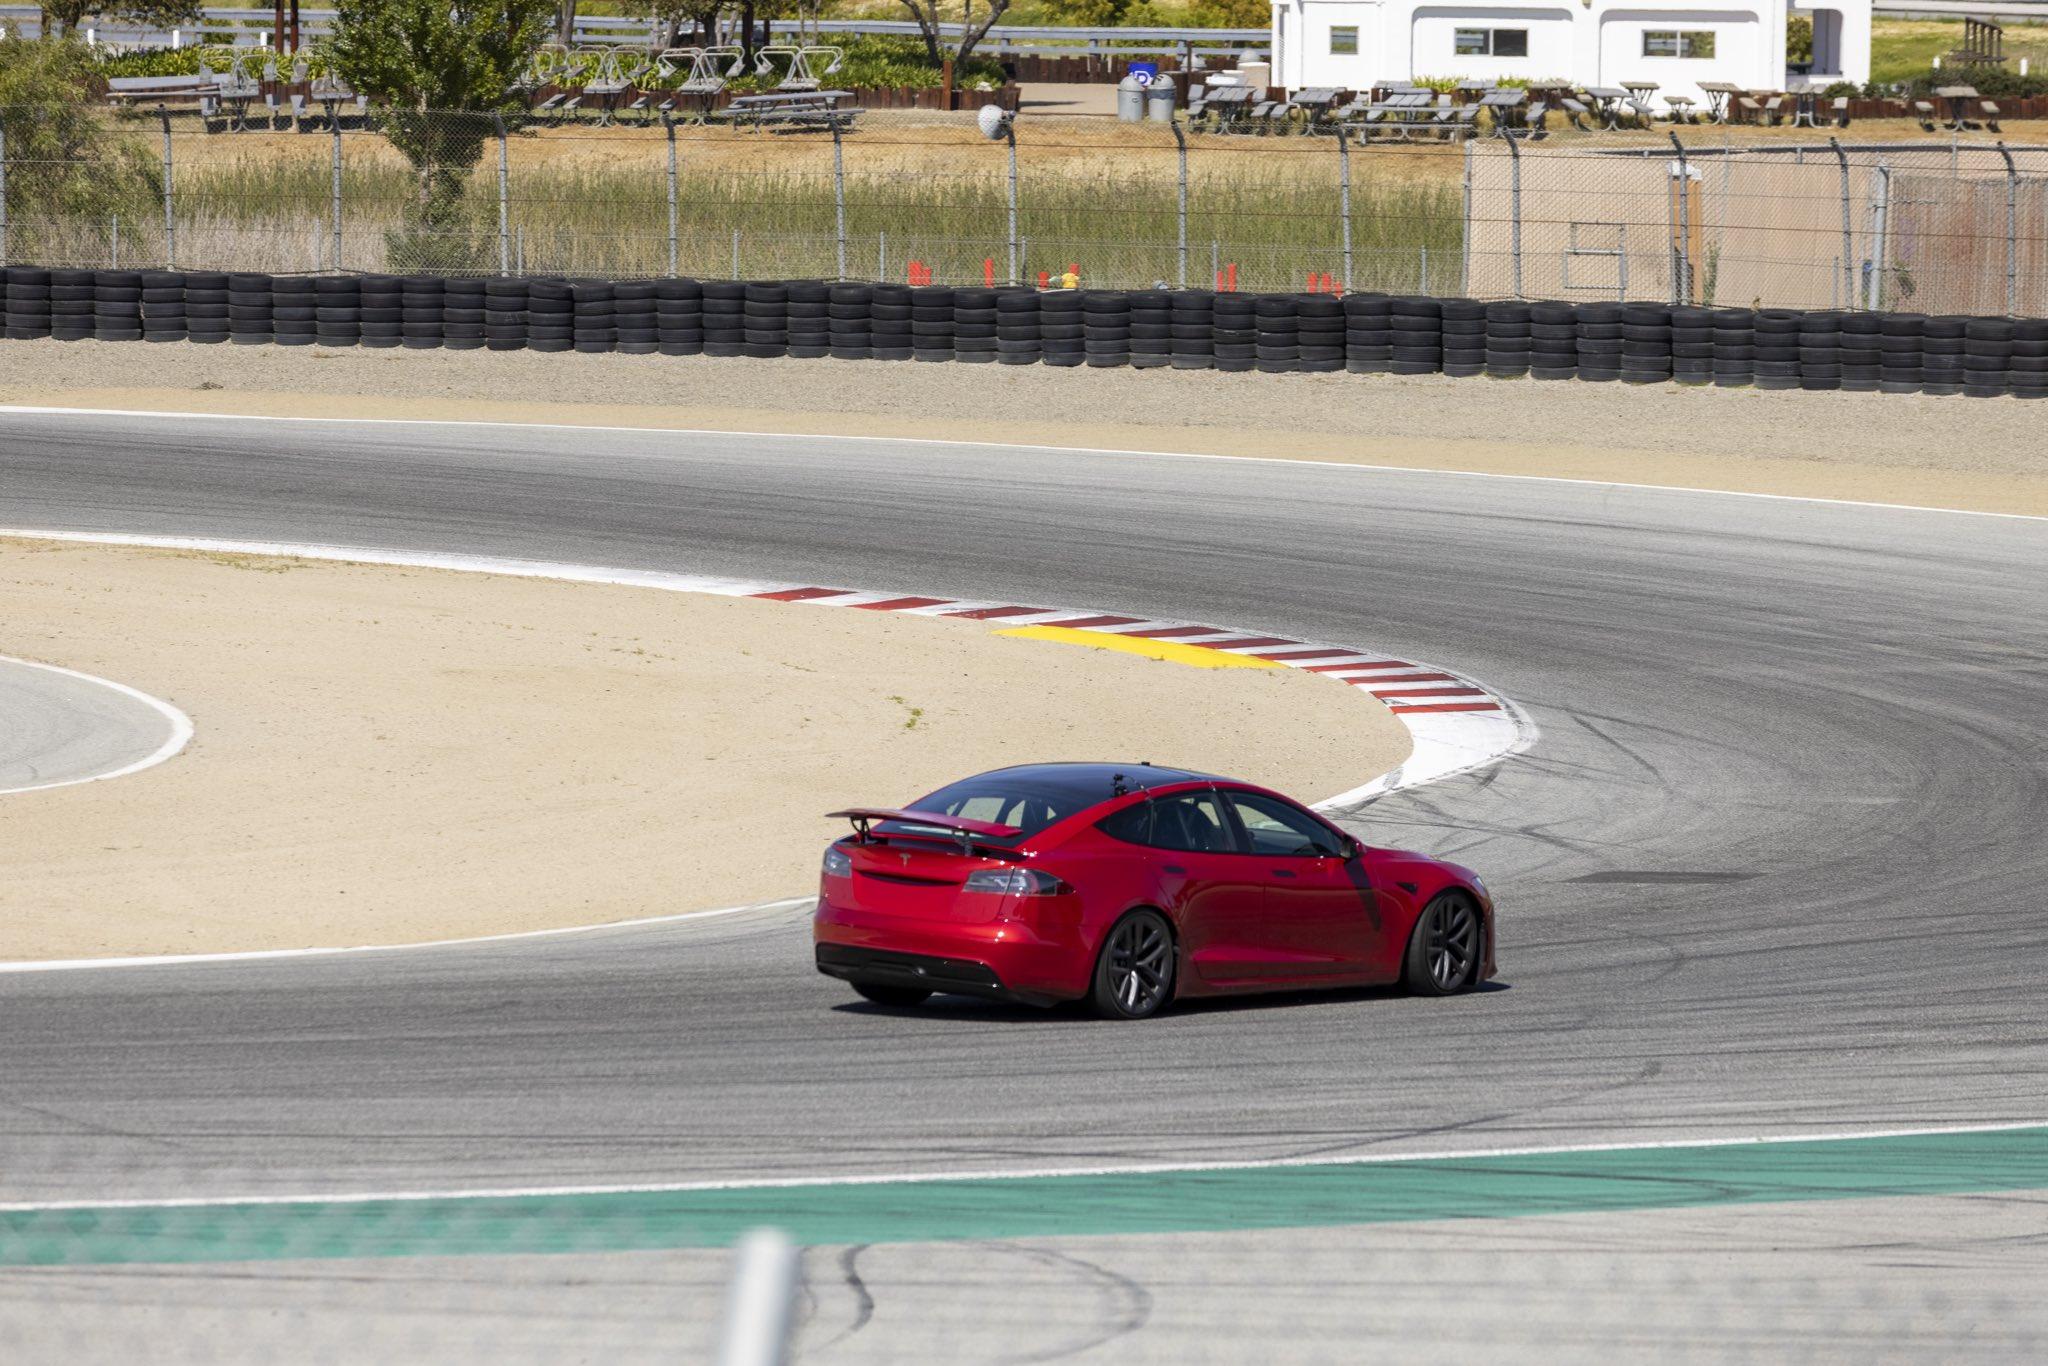 Tesla Model S в очередной раз выехала на трек Лагуна-Сека, причём обновлённый седан получил выдвижной спойлер.